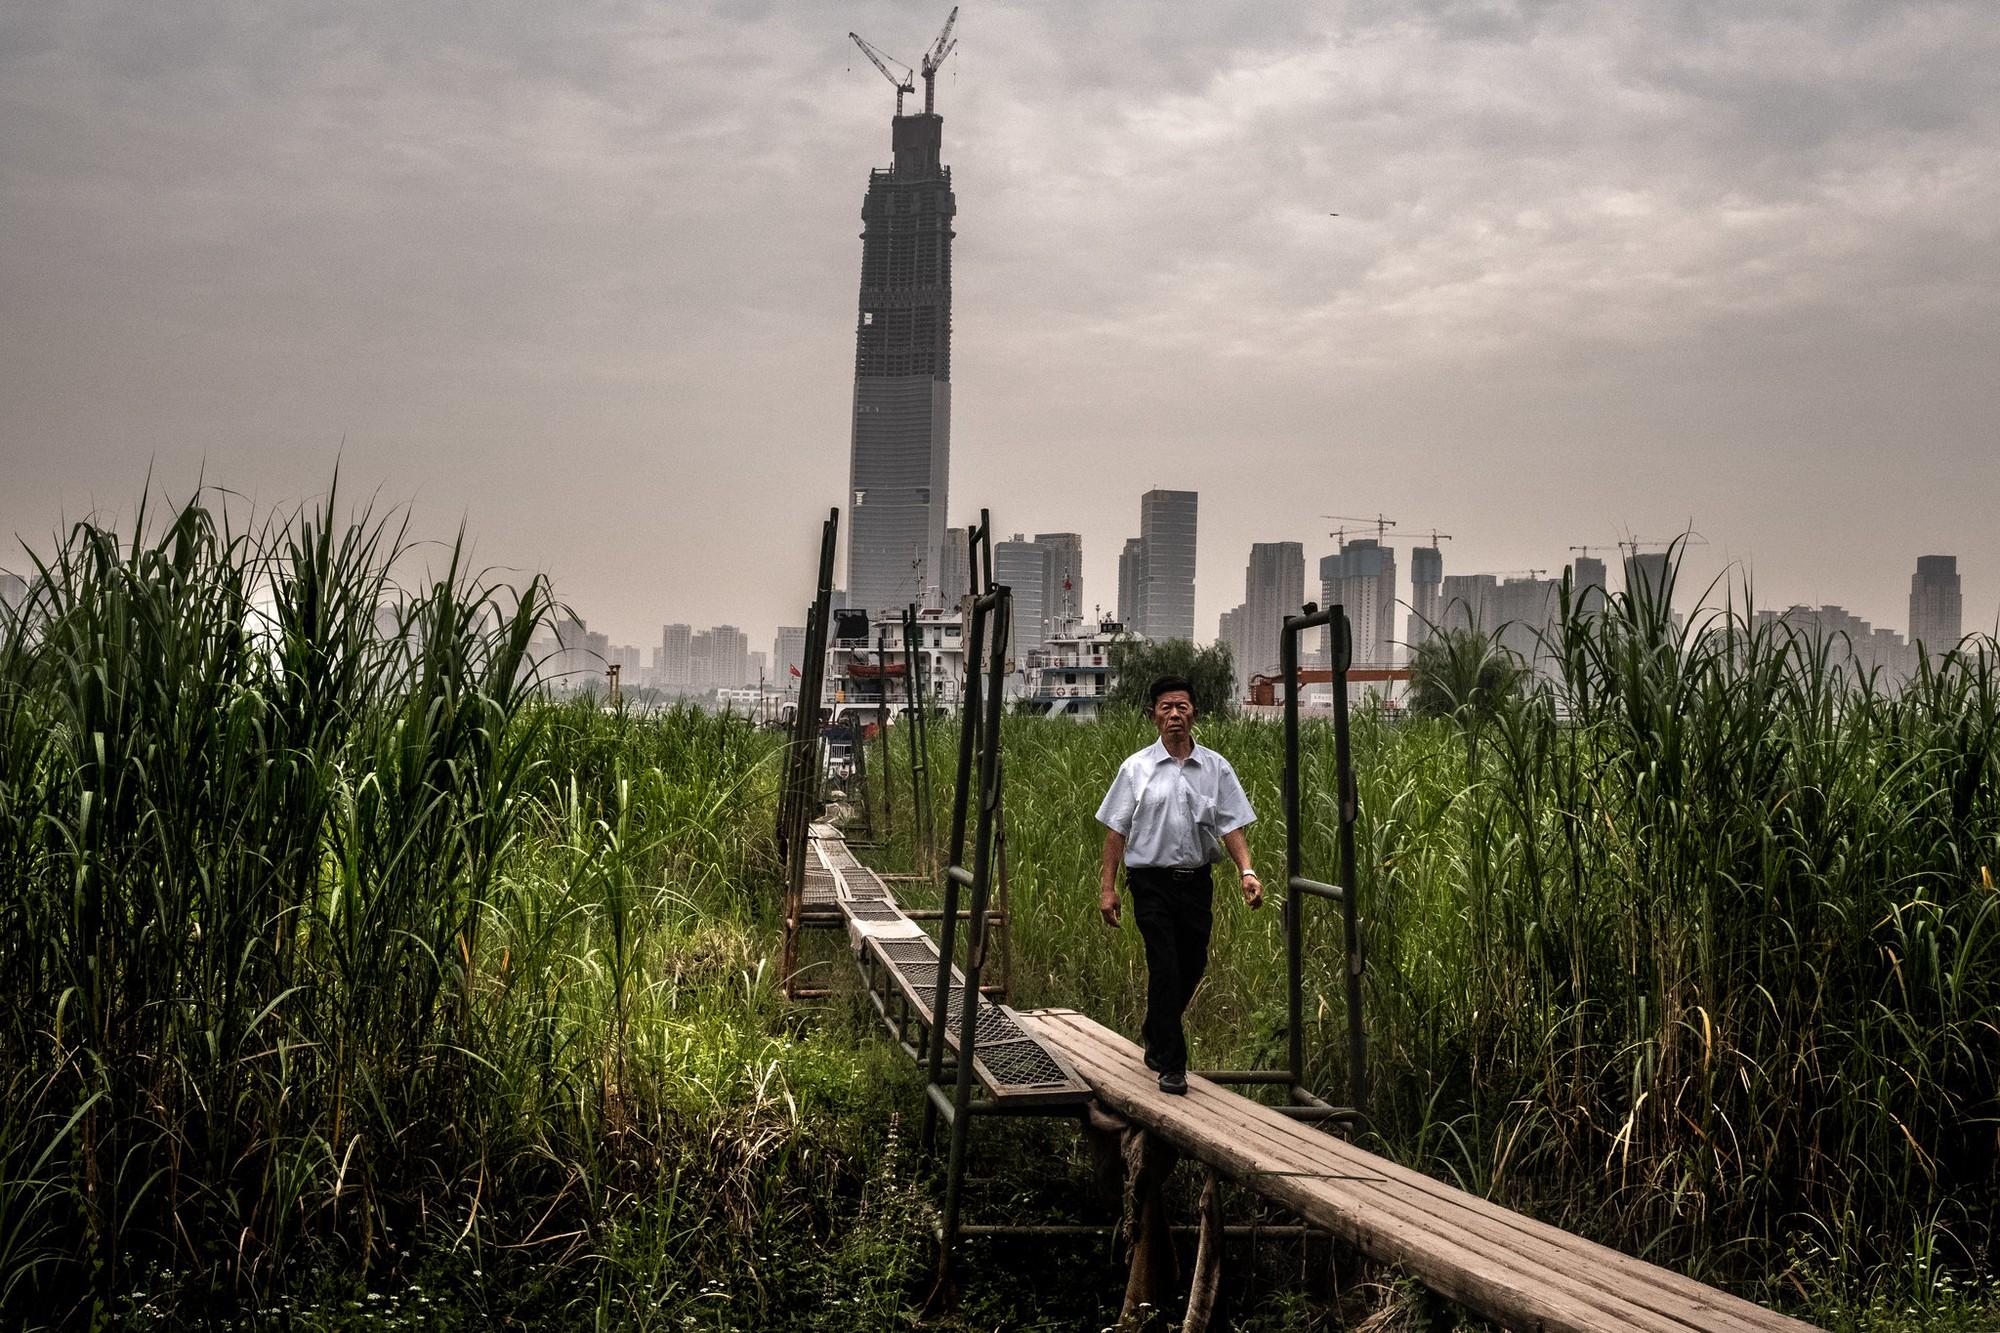 Trung Quốc: Đất nước thất bại trong việc thất bại - Ảnh 9.